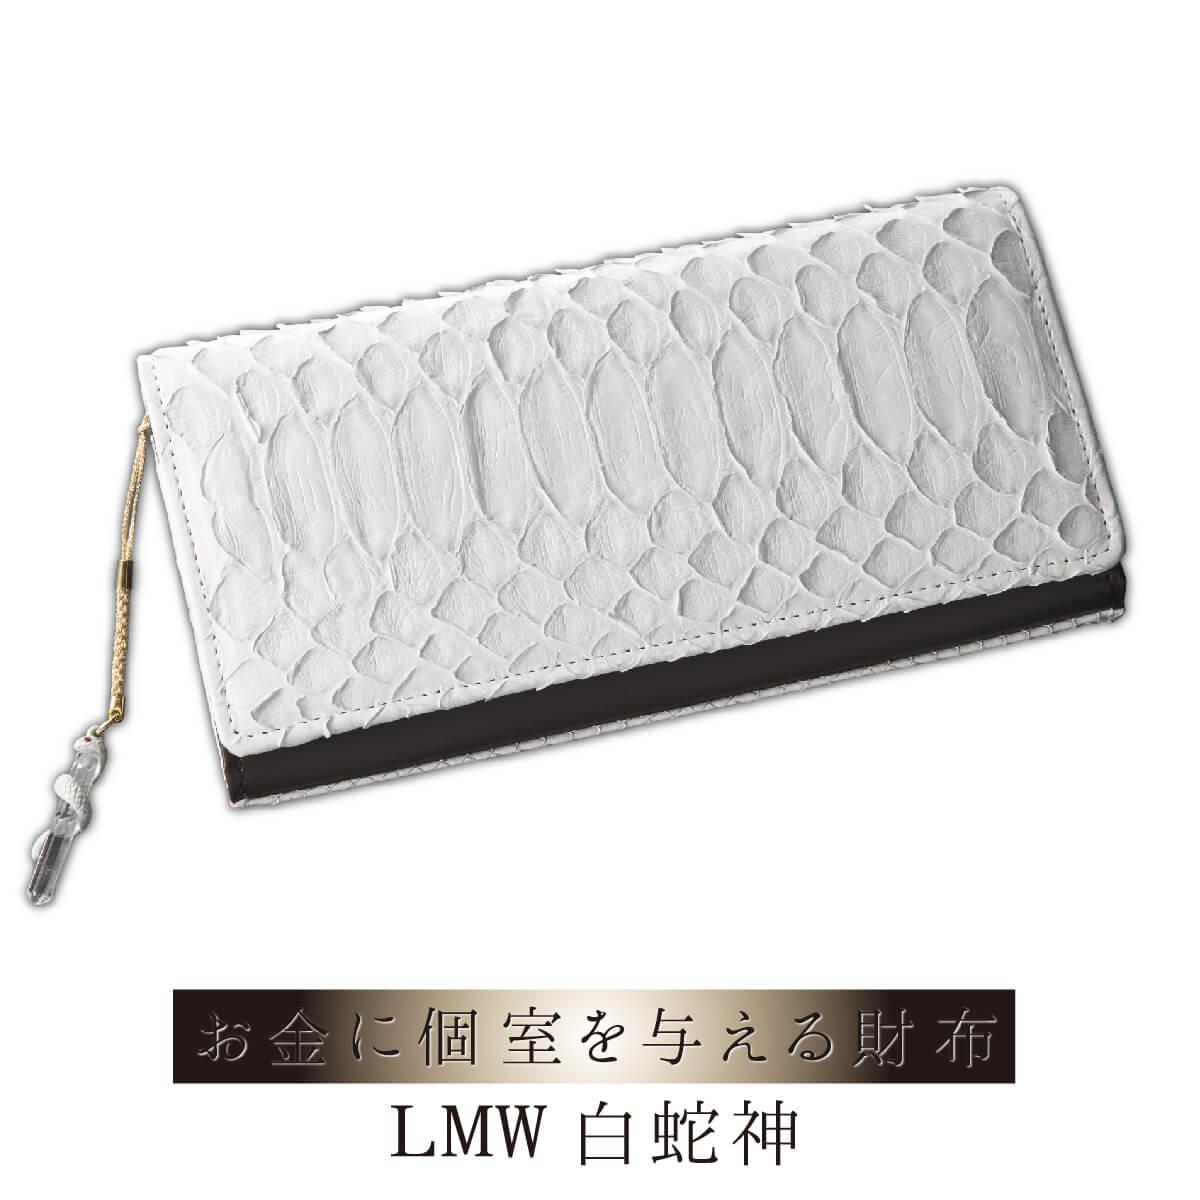 LMW 白蛇神 ≫ お金に最適な住処を提供する!快適仕分け財布!